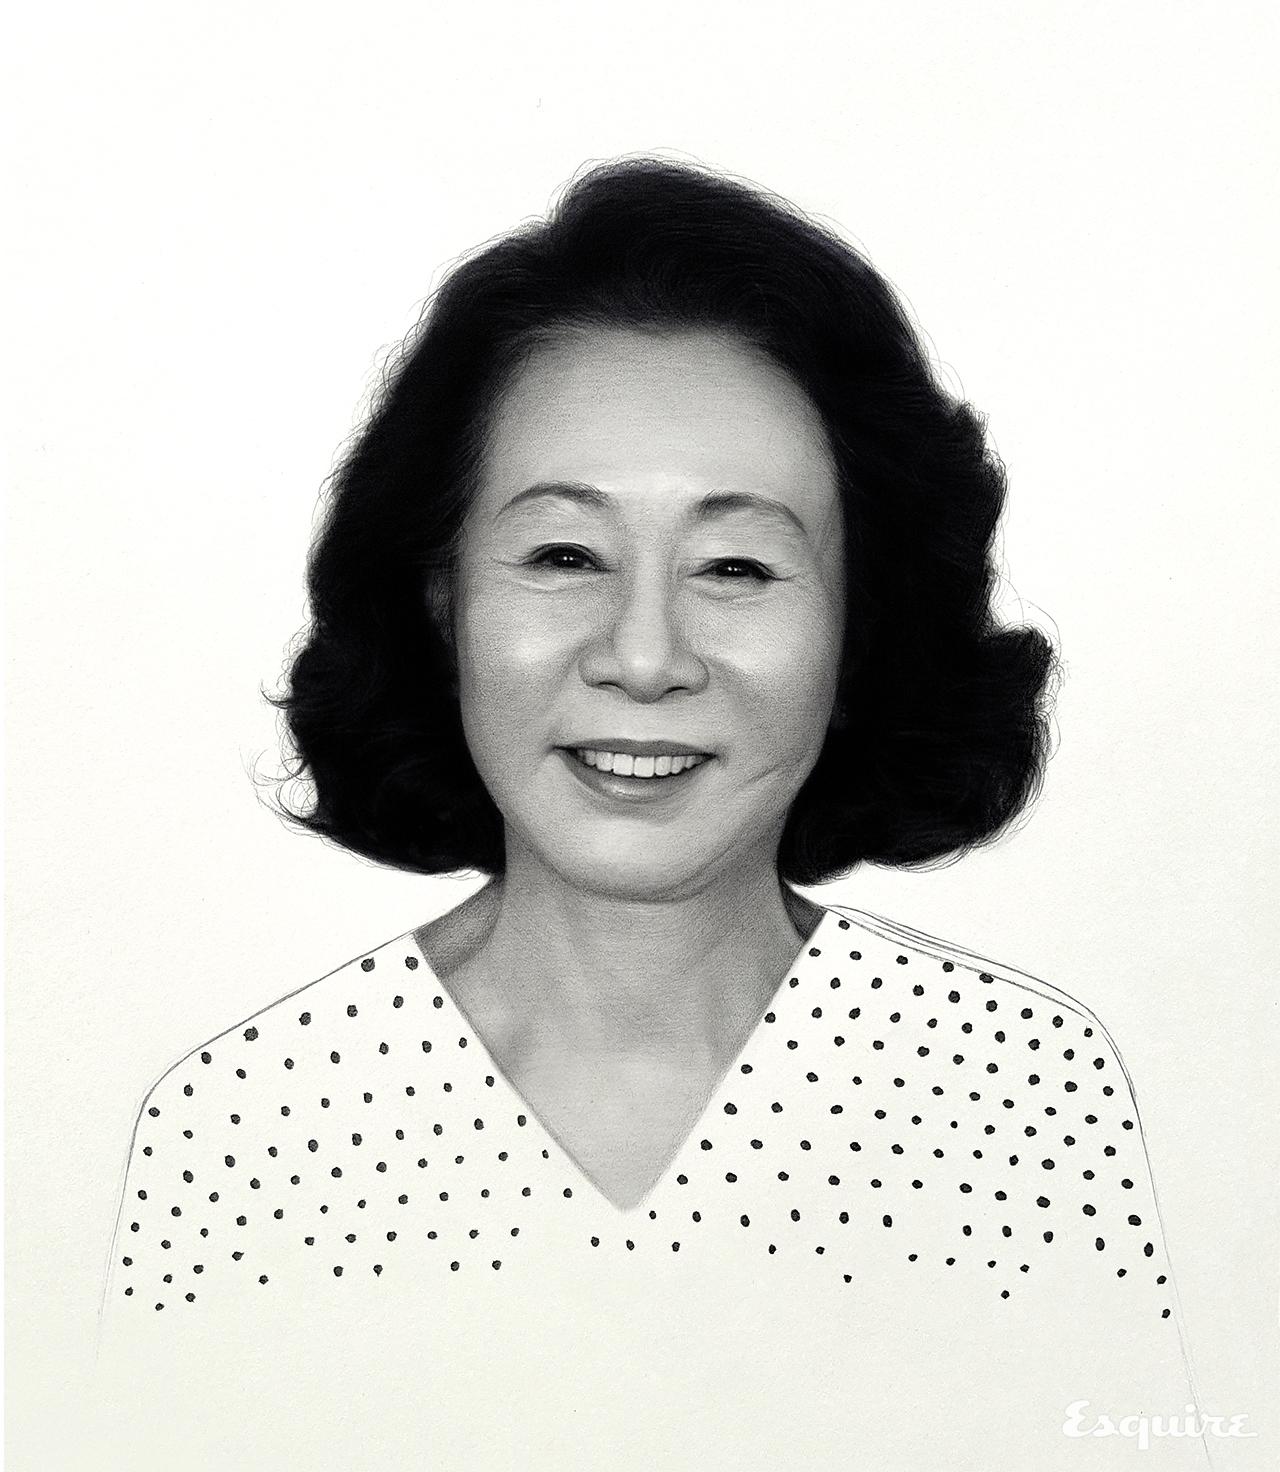 윤여정 - 에스콰이어